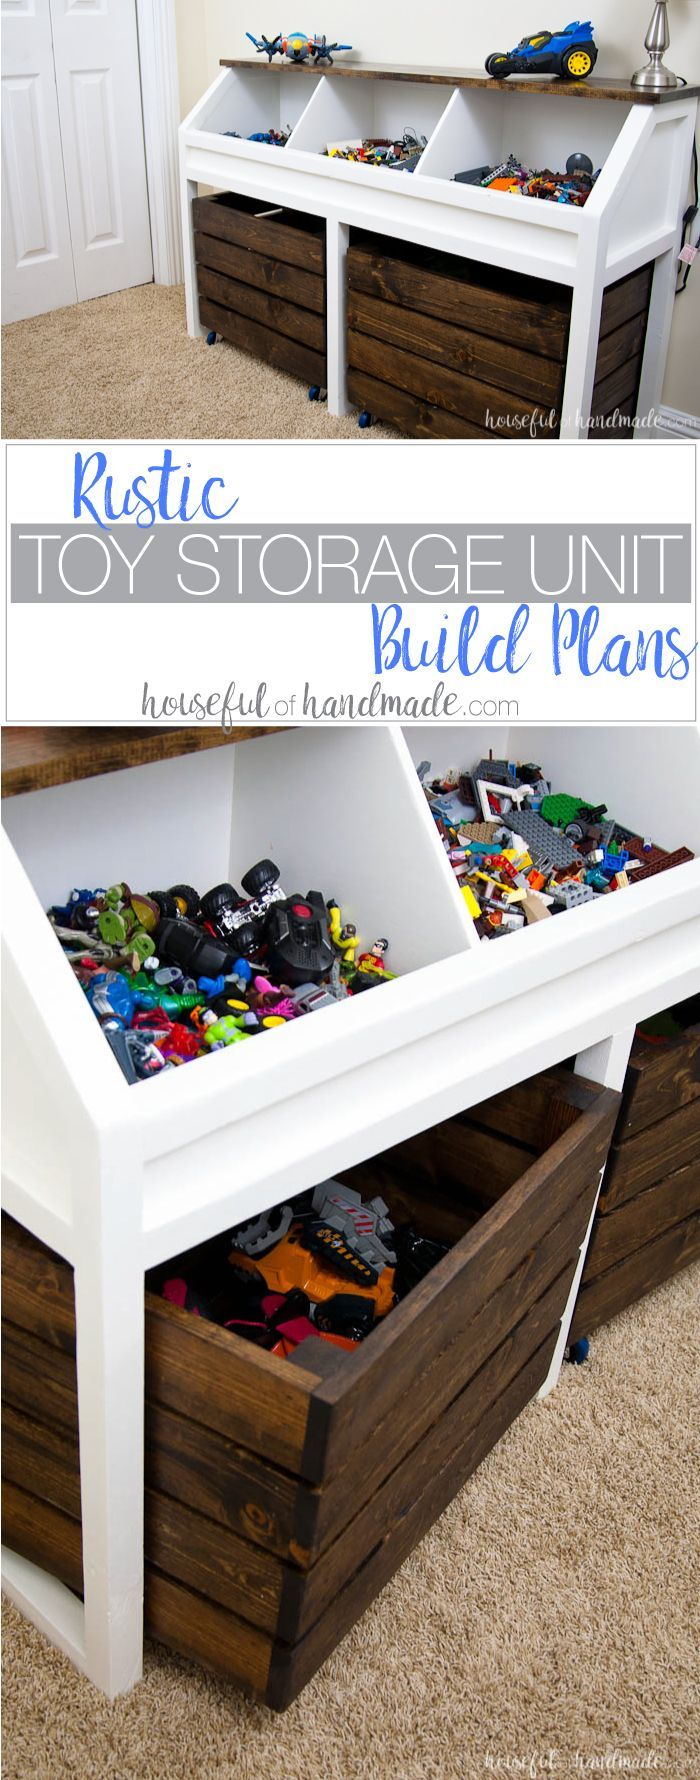 17 Best Ideas About Toy Storage Bins On Pinterest Toy